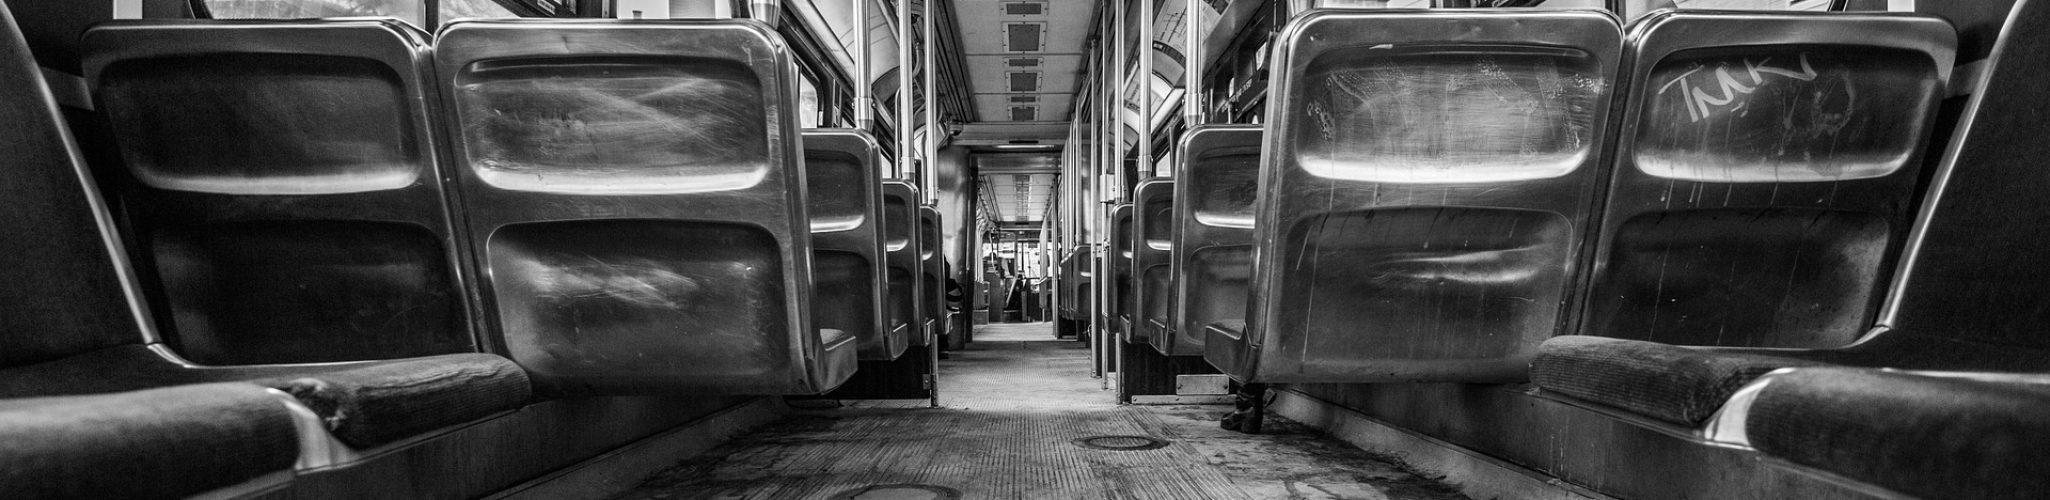 bus-1209153_1920